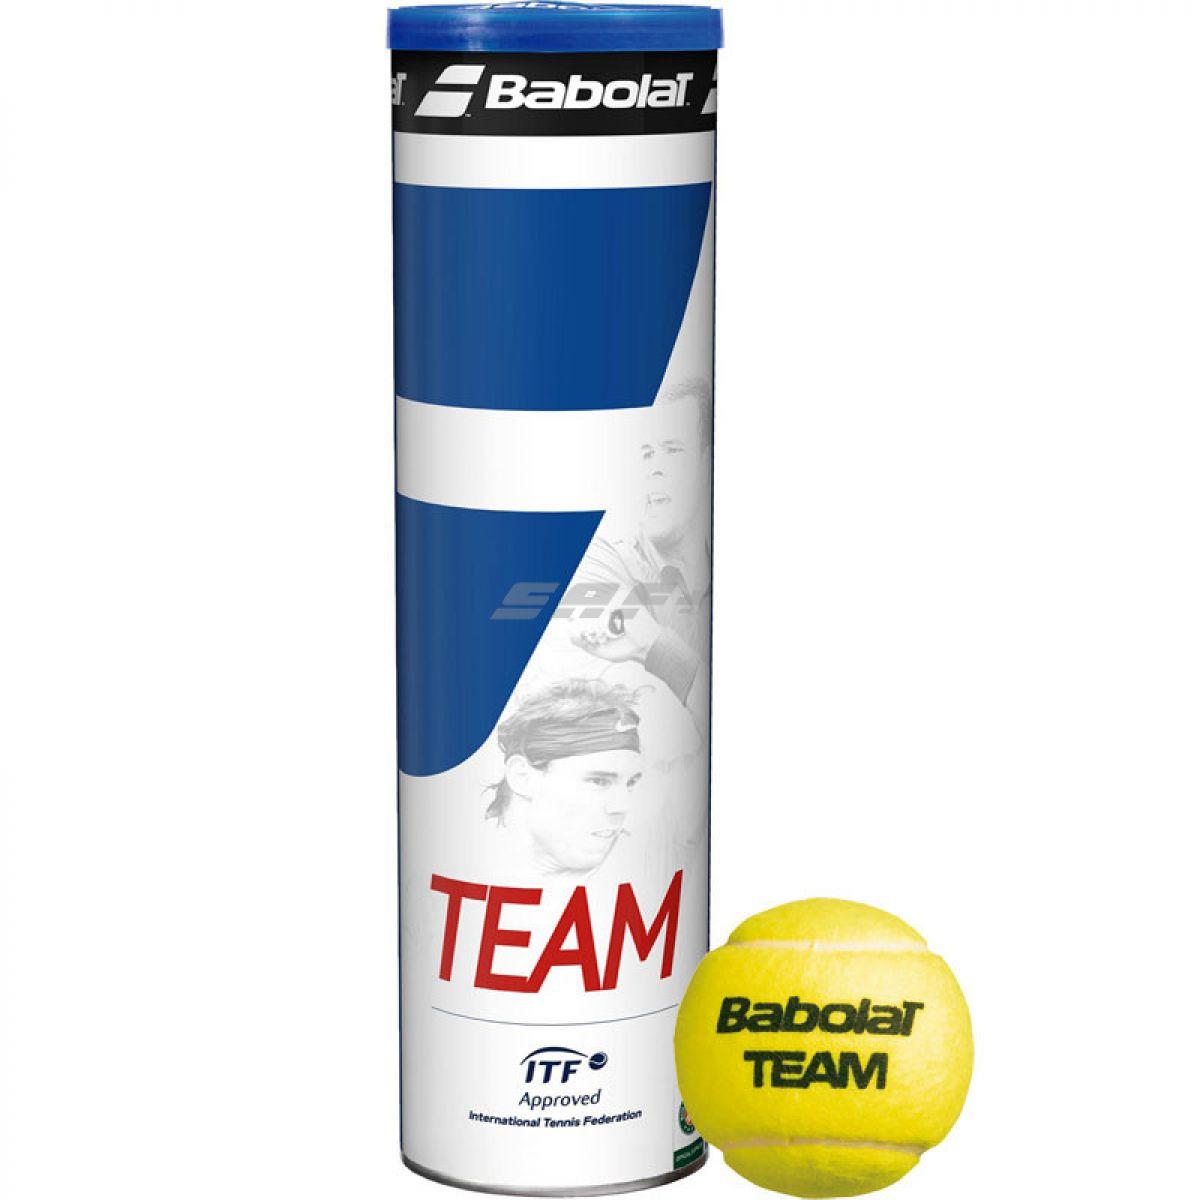 Мяч теннисный Мяч теннисный BABOLAT Team 4B,арт.502035, уп.4 шт,одобр.ITF,фетр,нат.резина,желтый